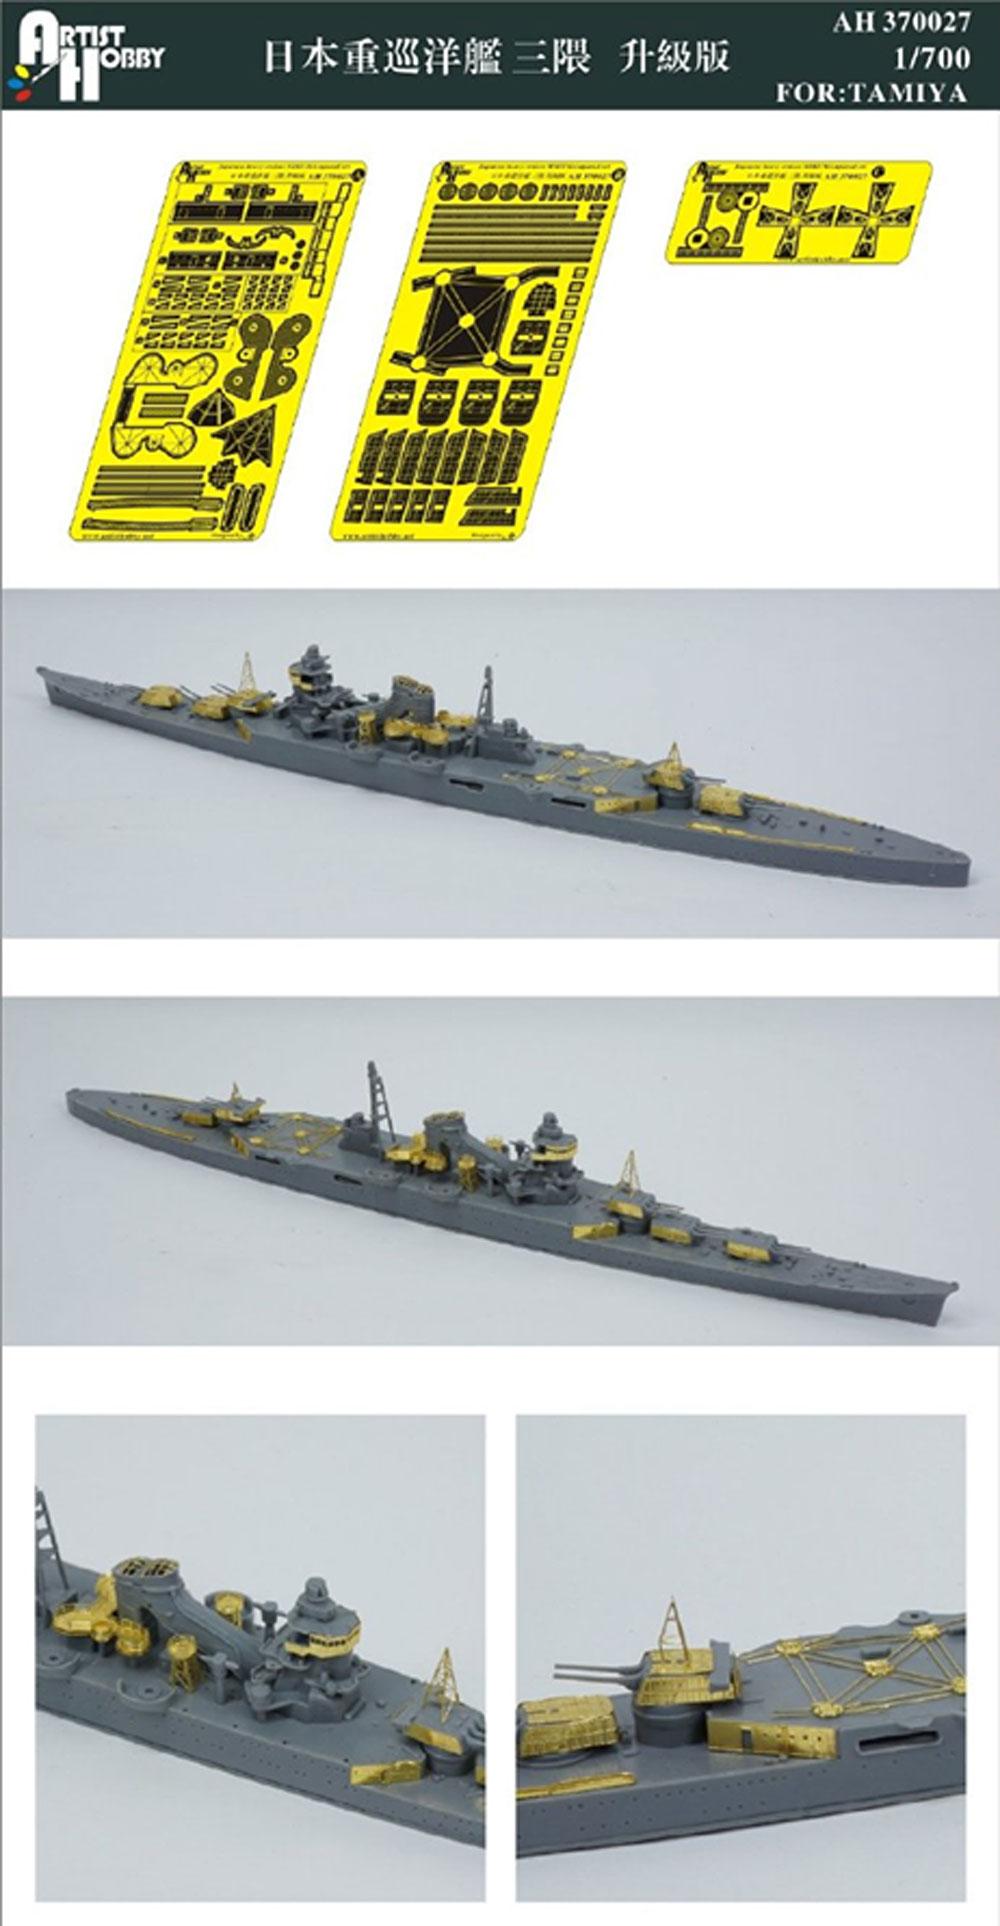 日本海軍 重巡洋艦 三隈 アップグレードセット (タミヤ用)エッチング(アーティストホビー1/700 アップグレードパーツNo.AH370027)商品画像_1